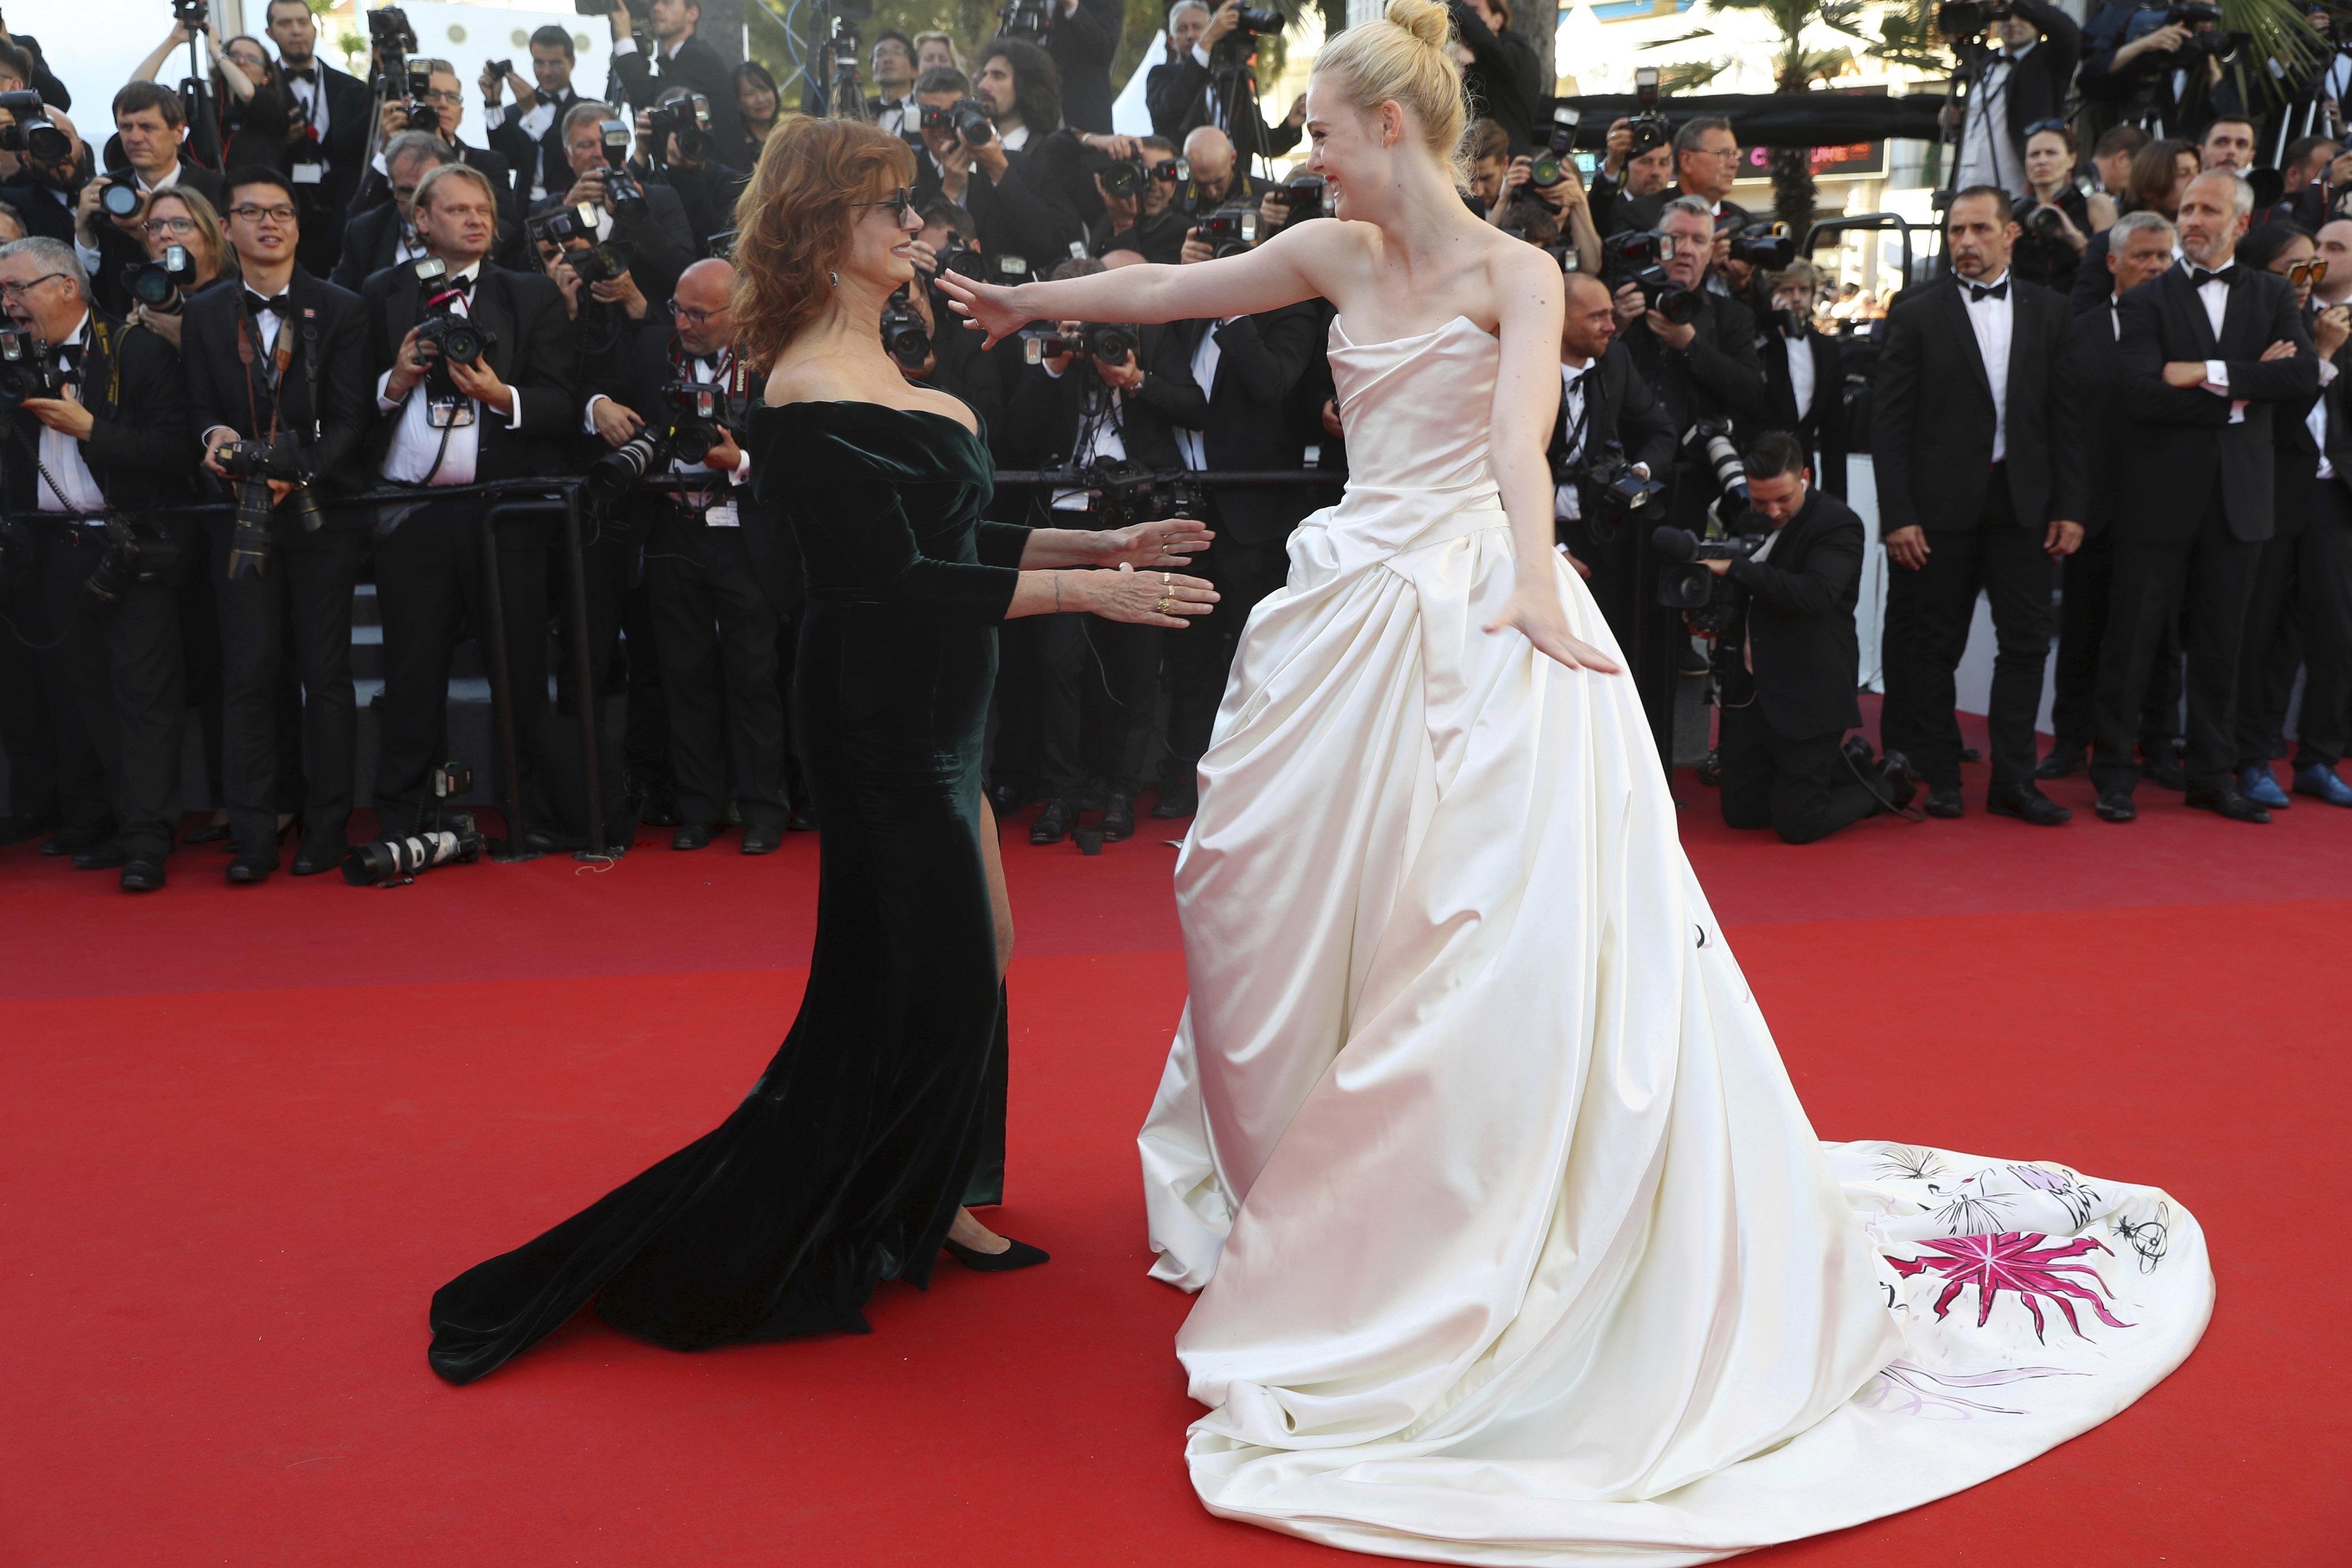 Susan Sarandon en Alberta Feretti y Elle Fanning en Vivienne Westwood Couture. (AP)